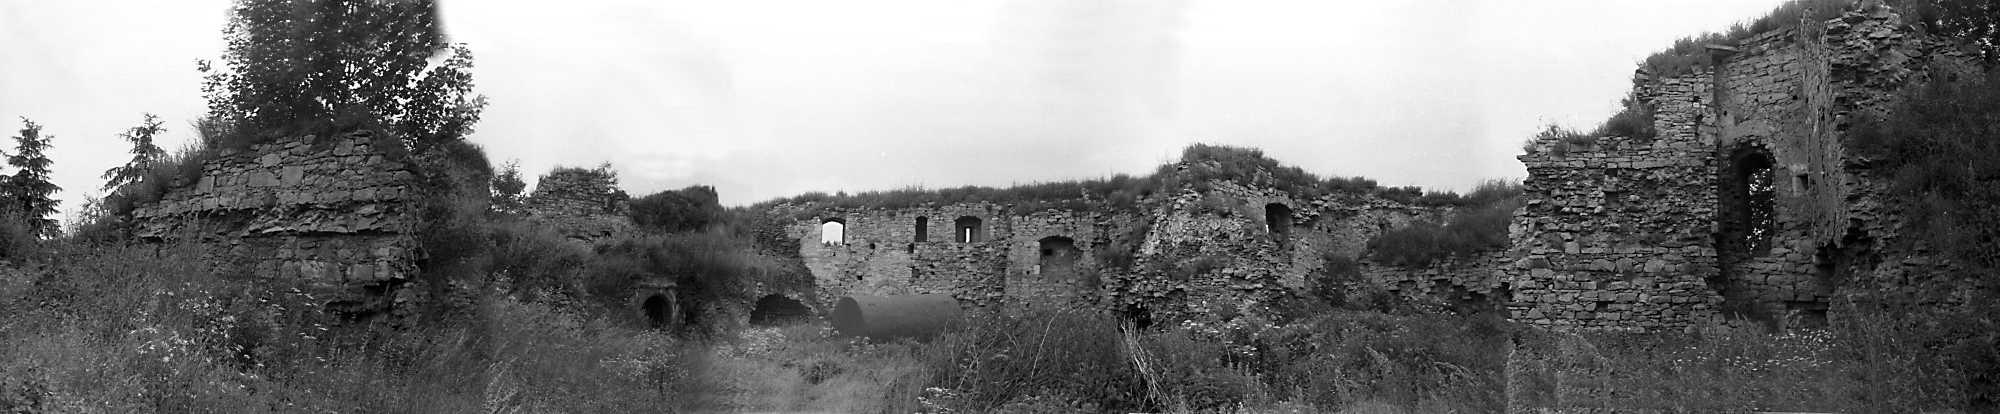 1988 р. Панорама внутрішнього двора 12